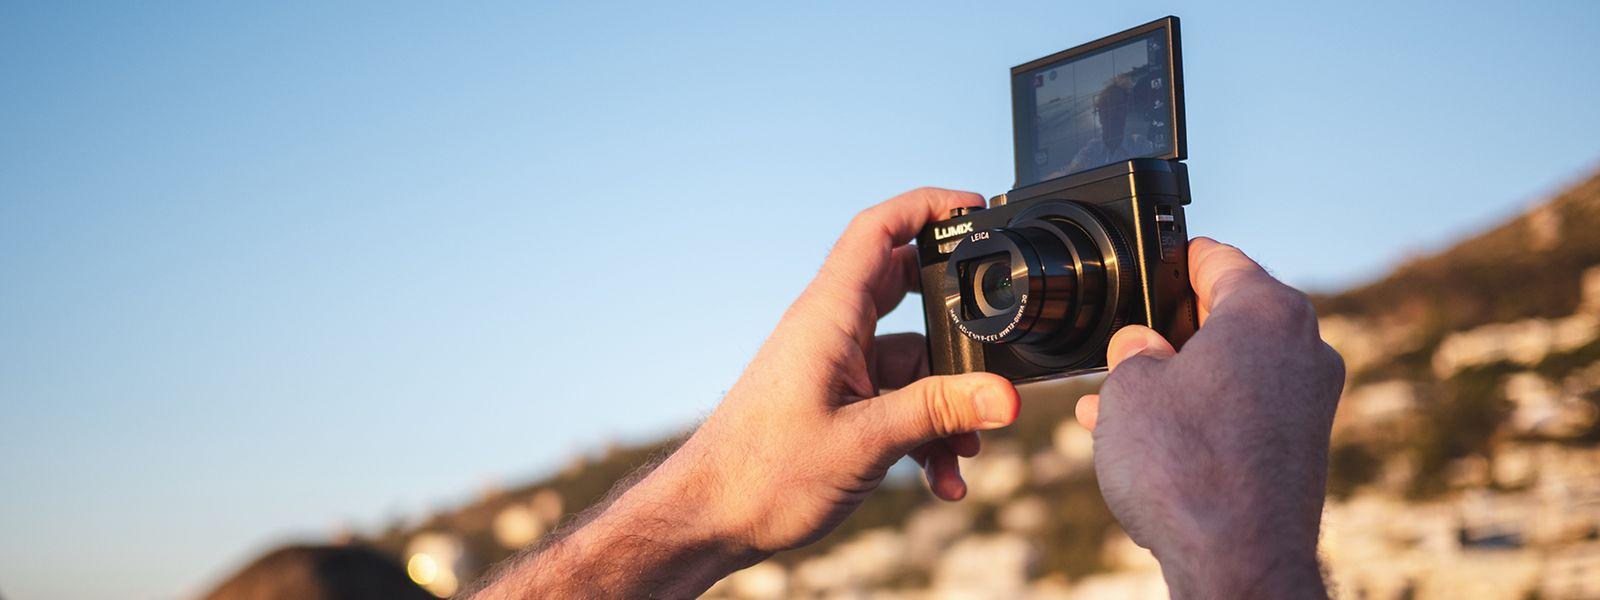 Mini-Kamera mit Maxi-Zoom – so das Motto der Panasonic Lumix DC-TZ96. Die Kamera ist mit einem 30-fachen Zoom ausgestattet, der selbst weit entfernte Motive formatfüllend heranholt.